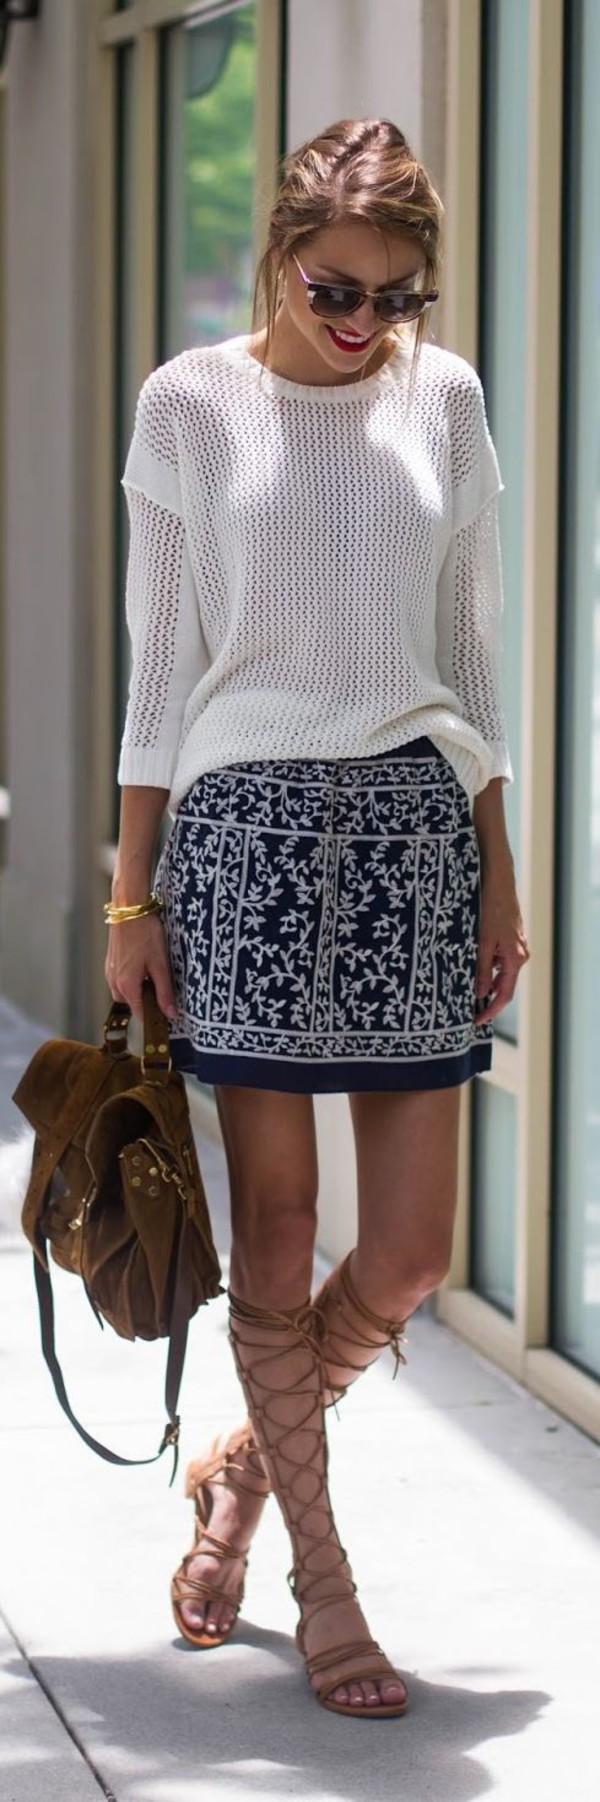 Skirt: sandals brown backpack satchel white top long sleeves ...